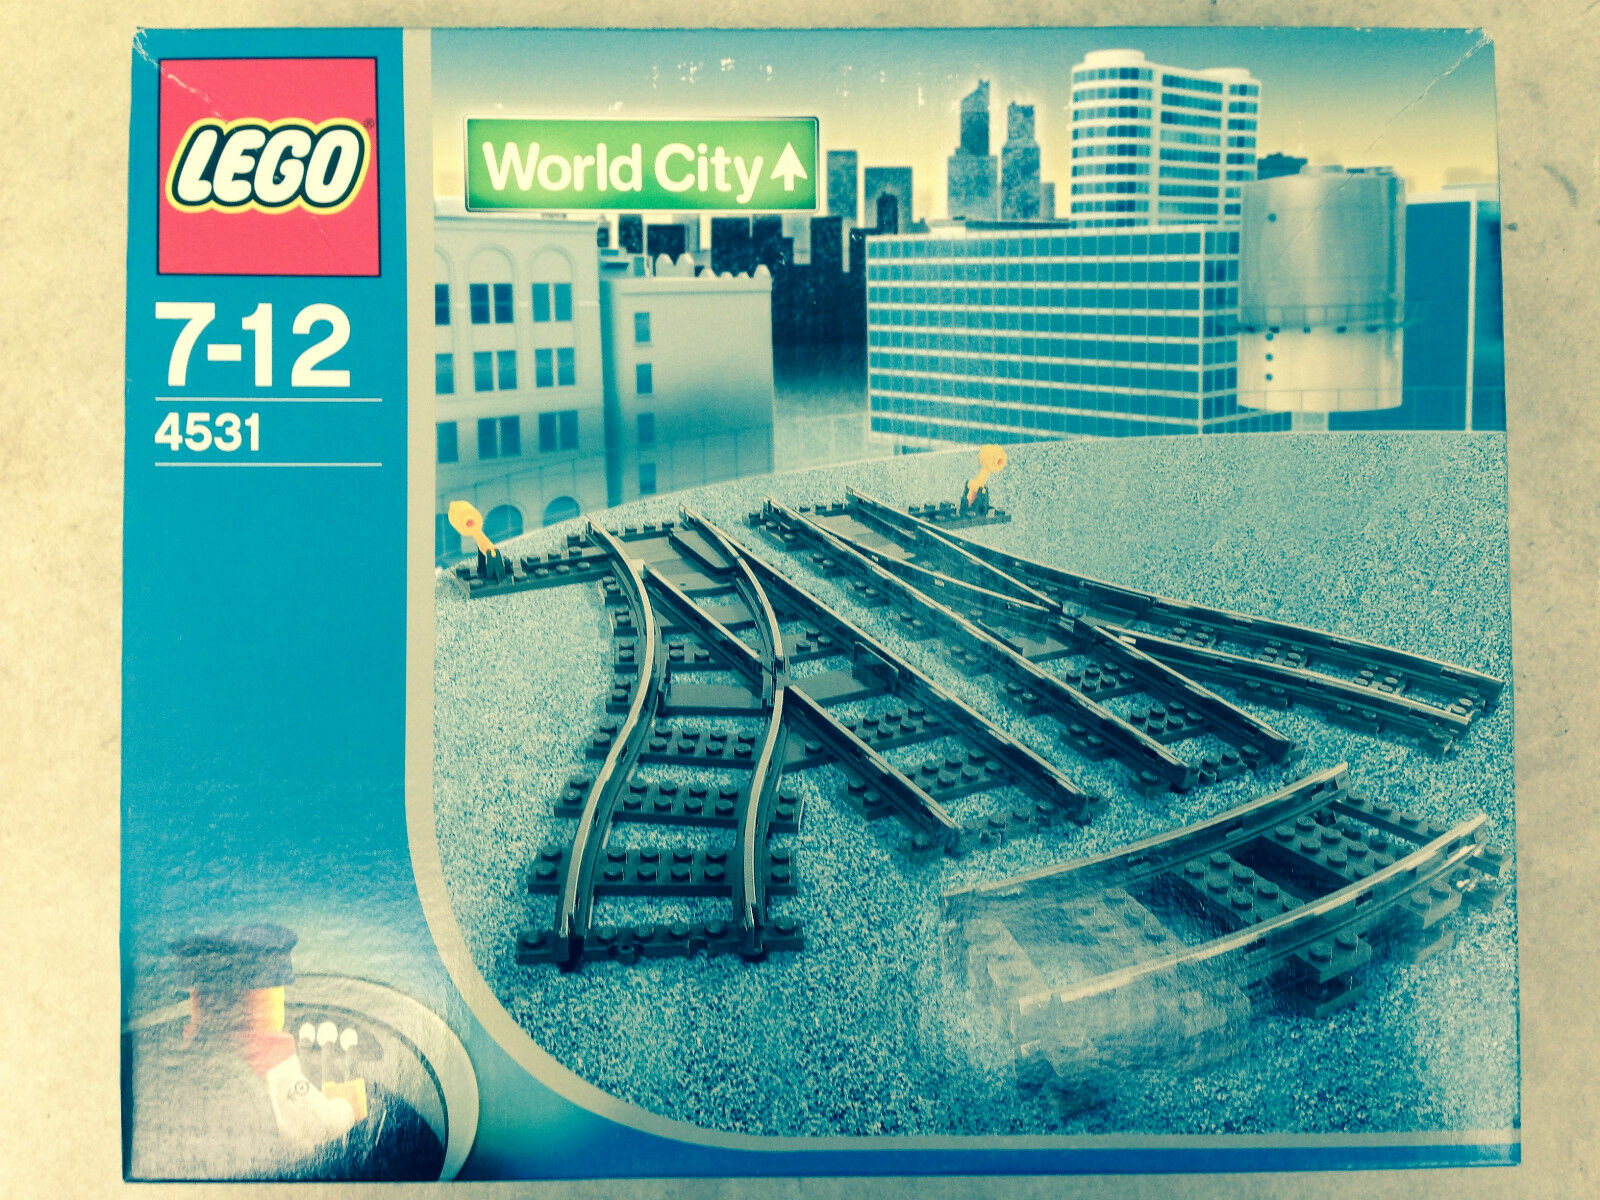 Lego 4531  Dur à trouver  Nouveau  dans une usine boîte scellée  mieux acheter